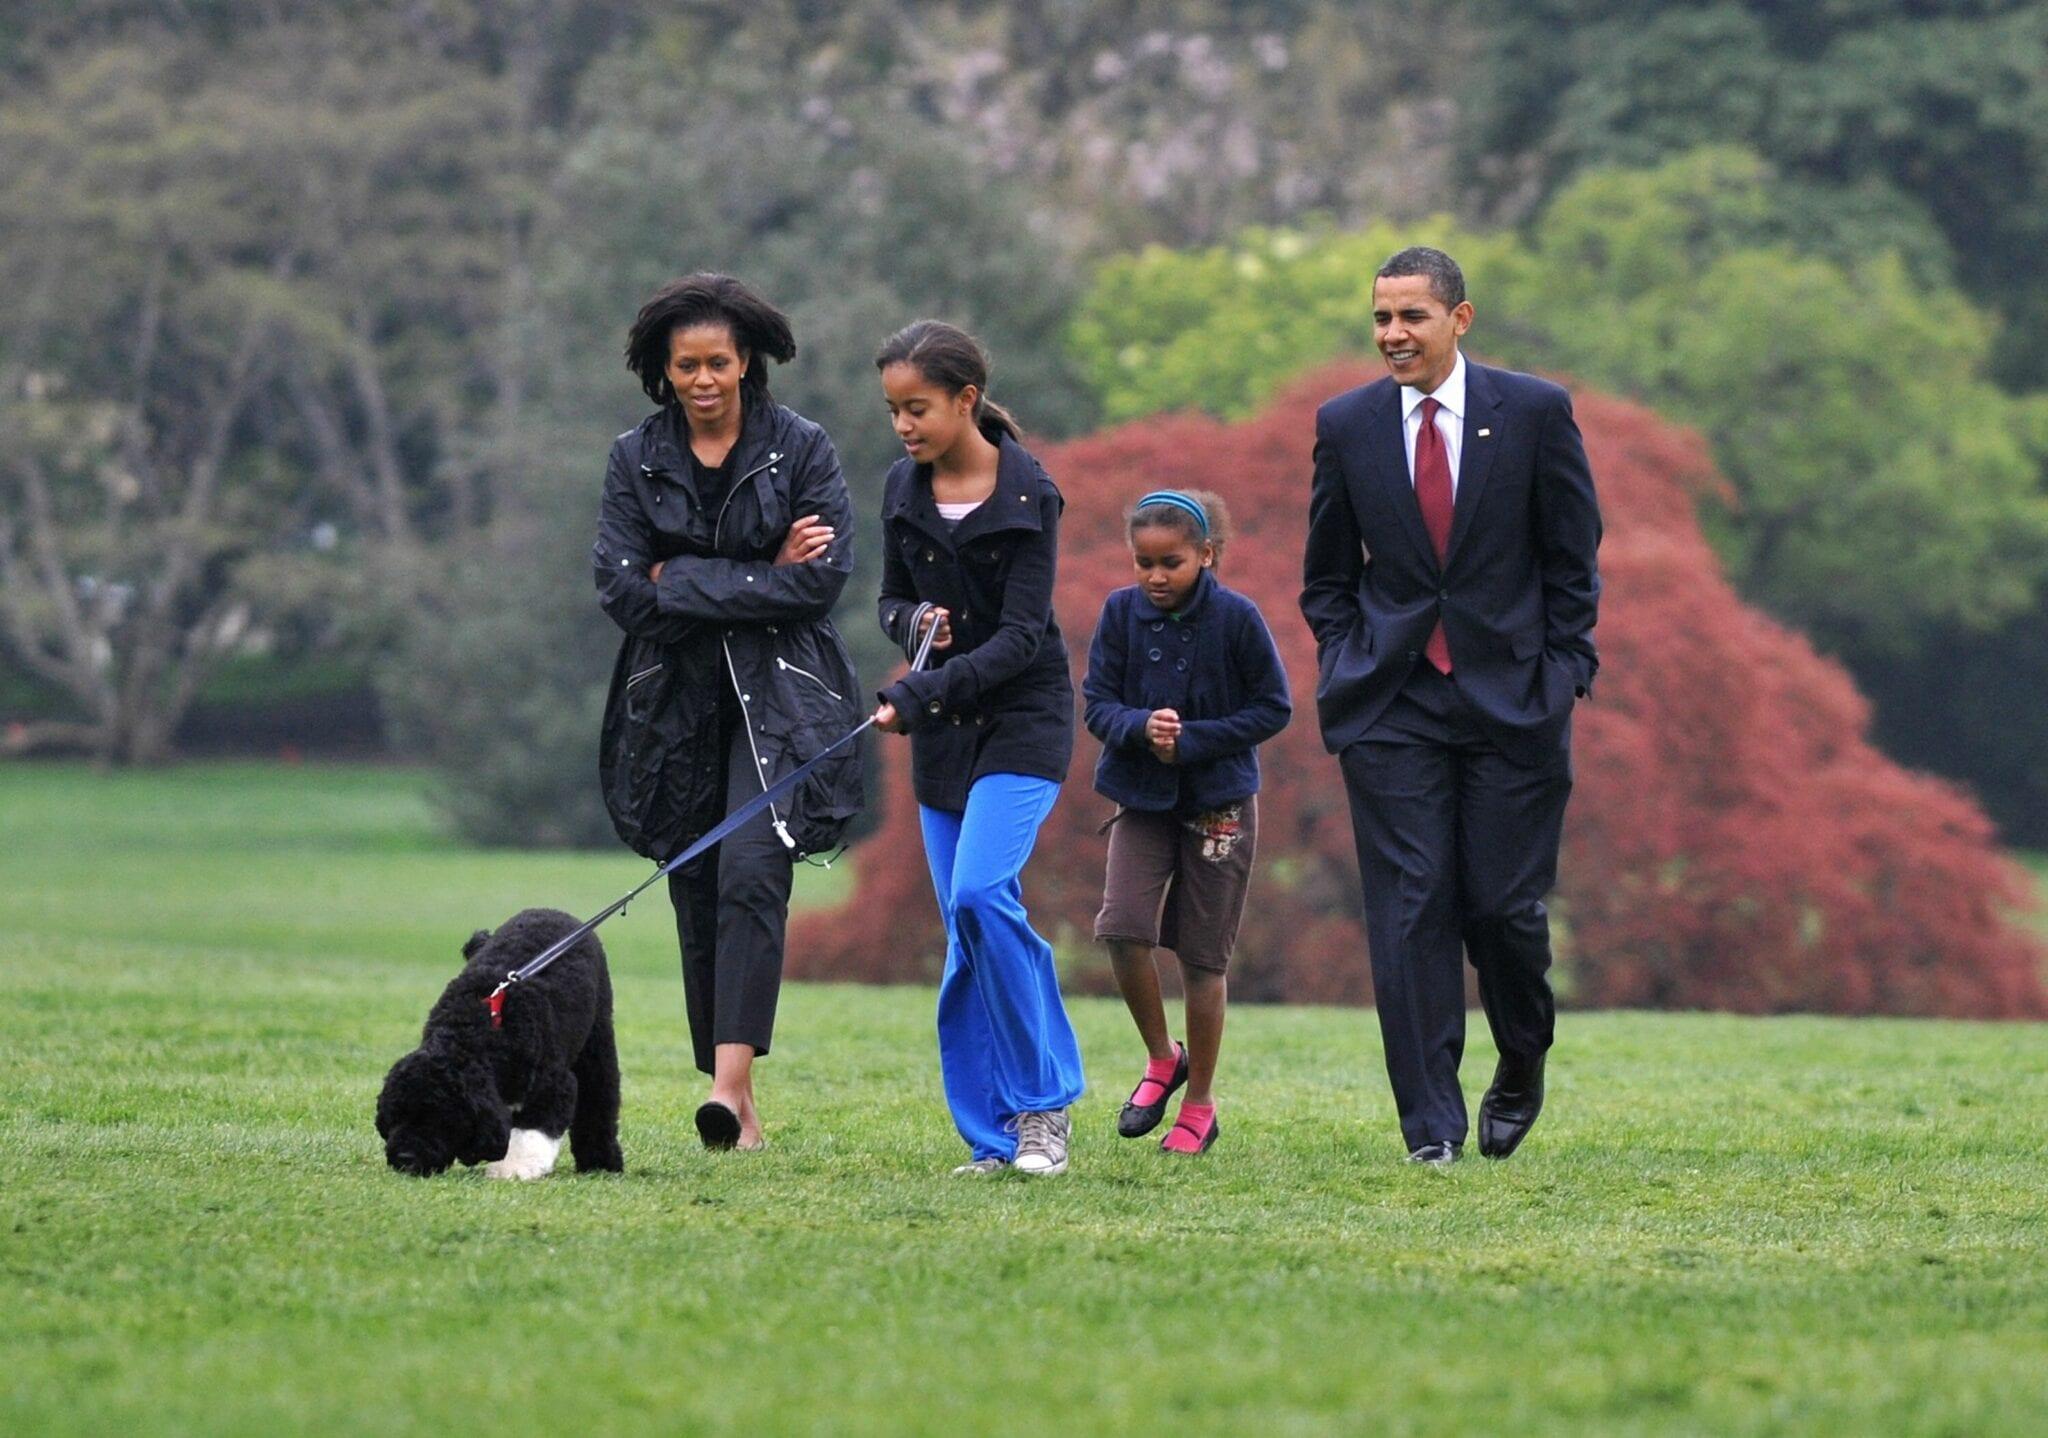 La famille Obama en deuil après la disparition de leur « meilleur ami »